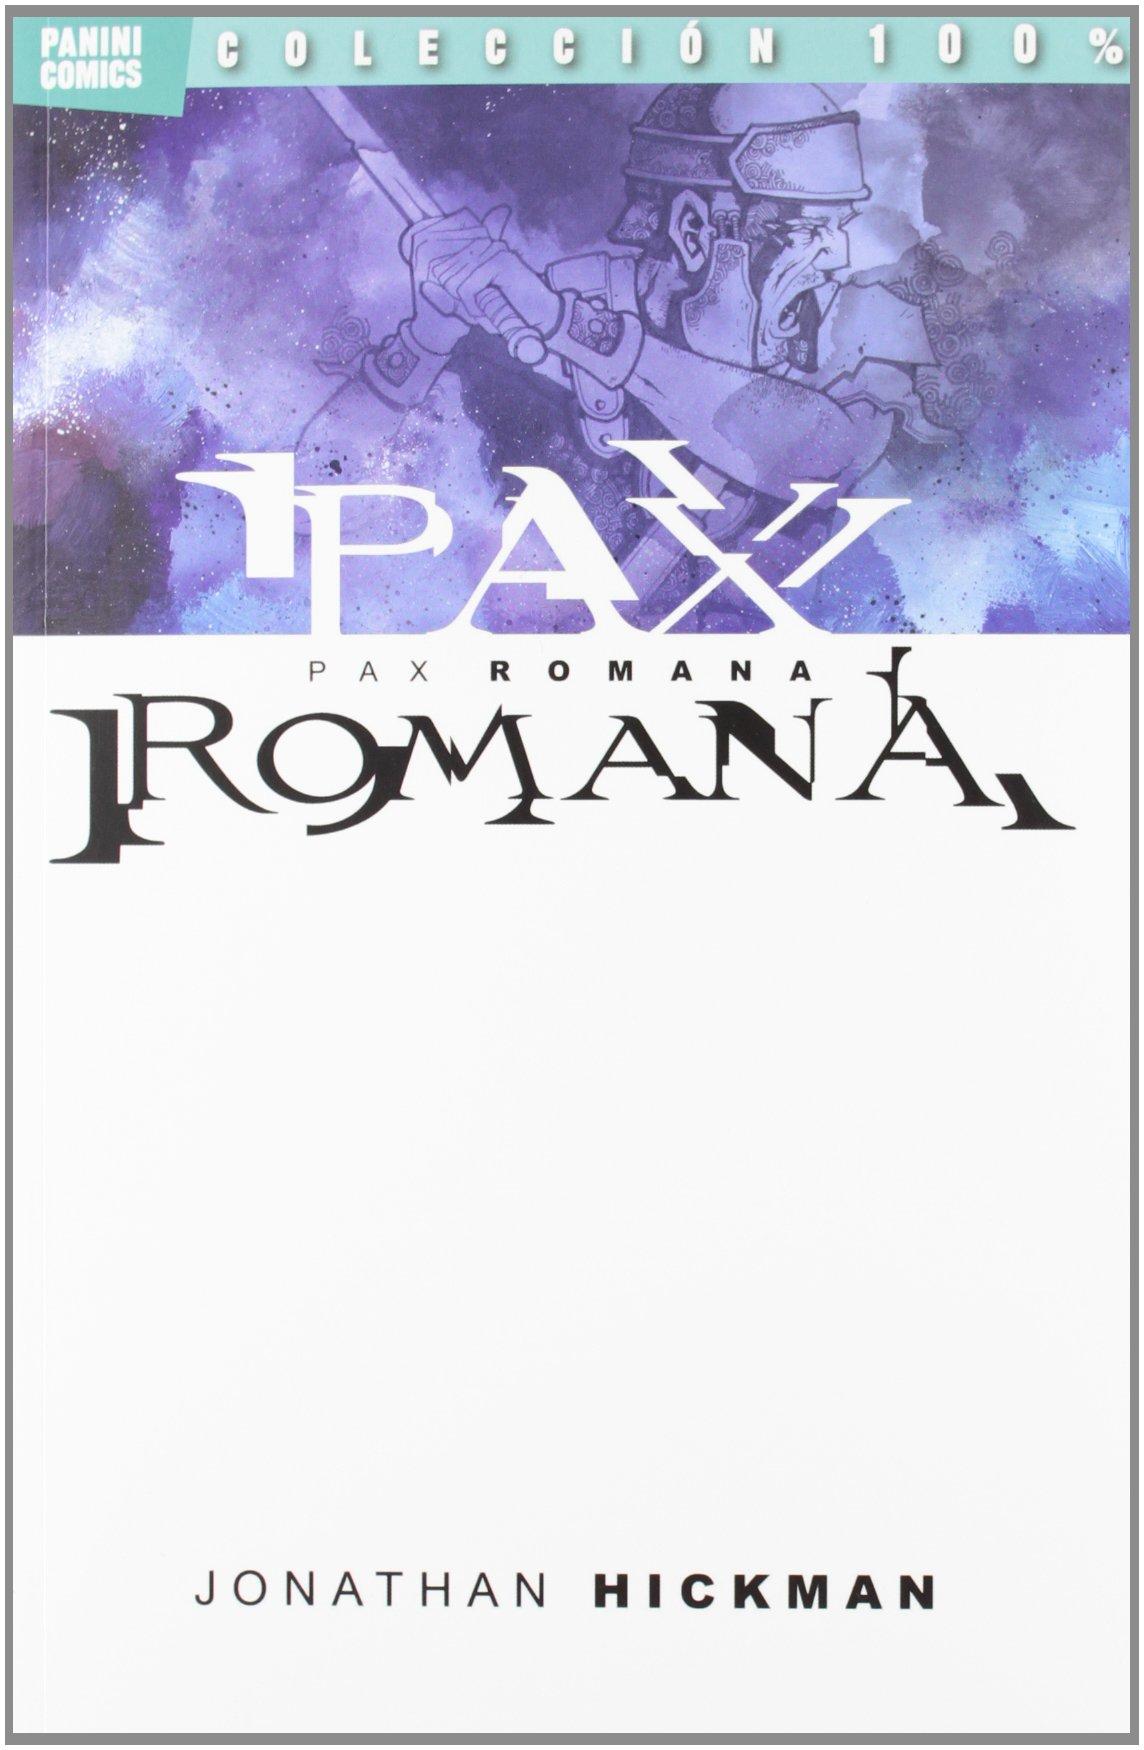 PAX ROMANA (CULT COMICS)